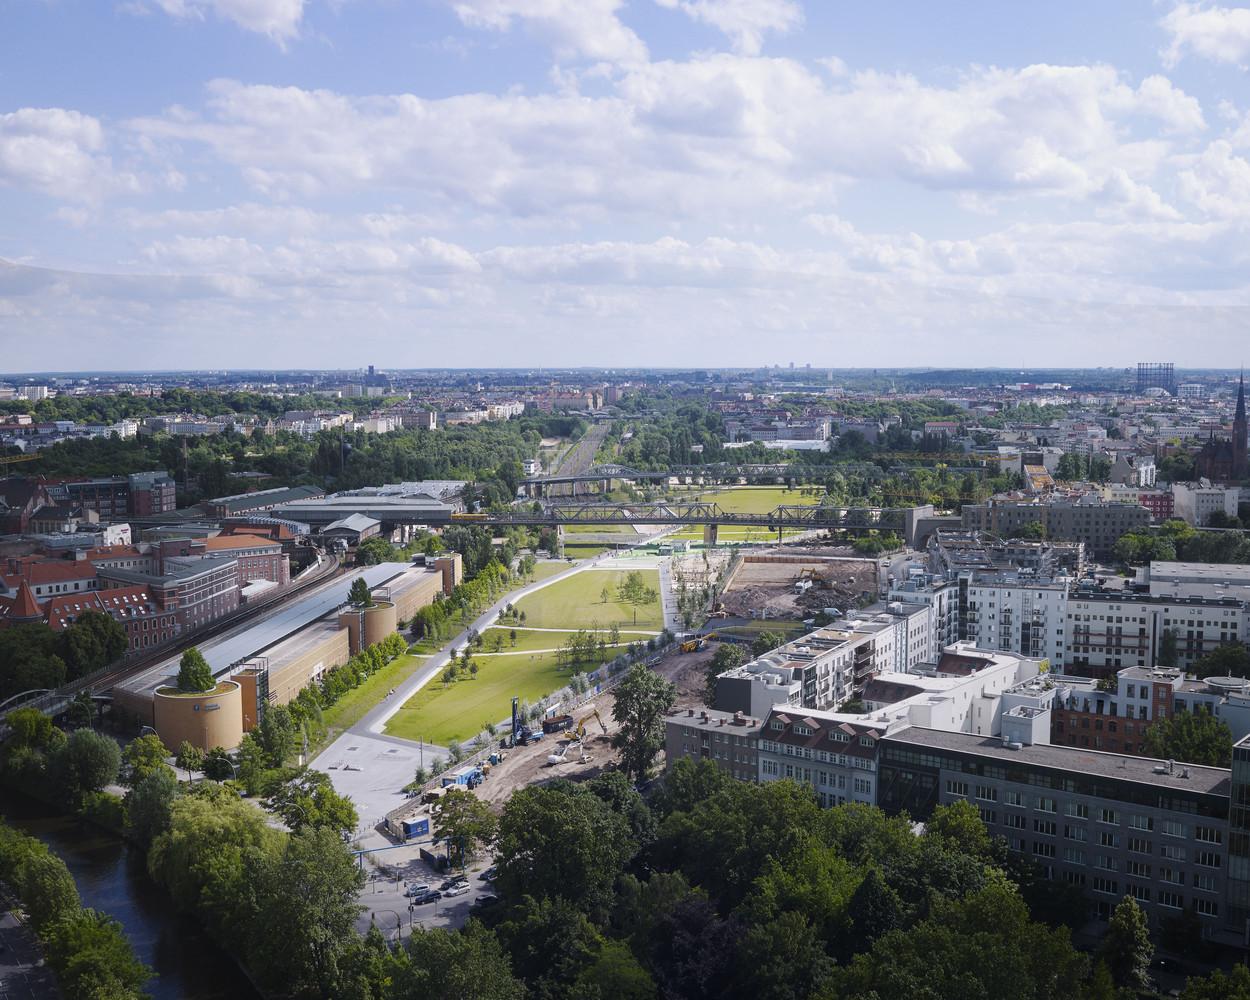 Gleisdreieck Park Berlin